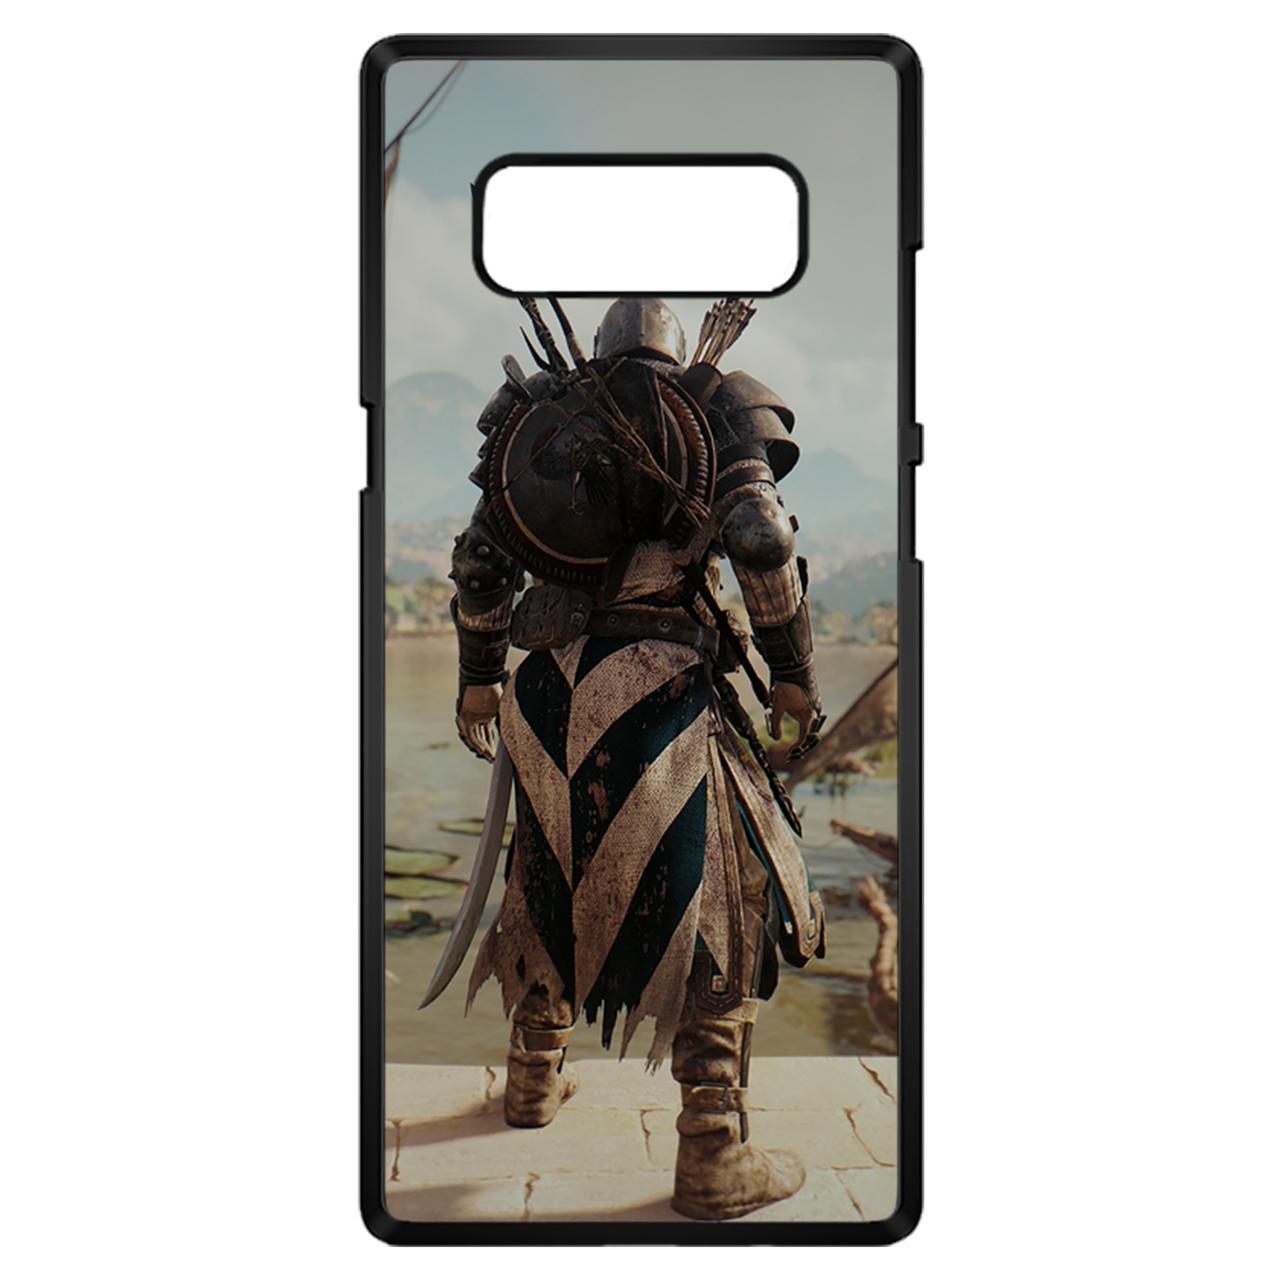 کاور چاپ لین مدل Assassins Creed مناسب برای گوشی موبایل سامسونگ Note 8